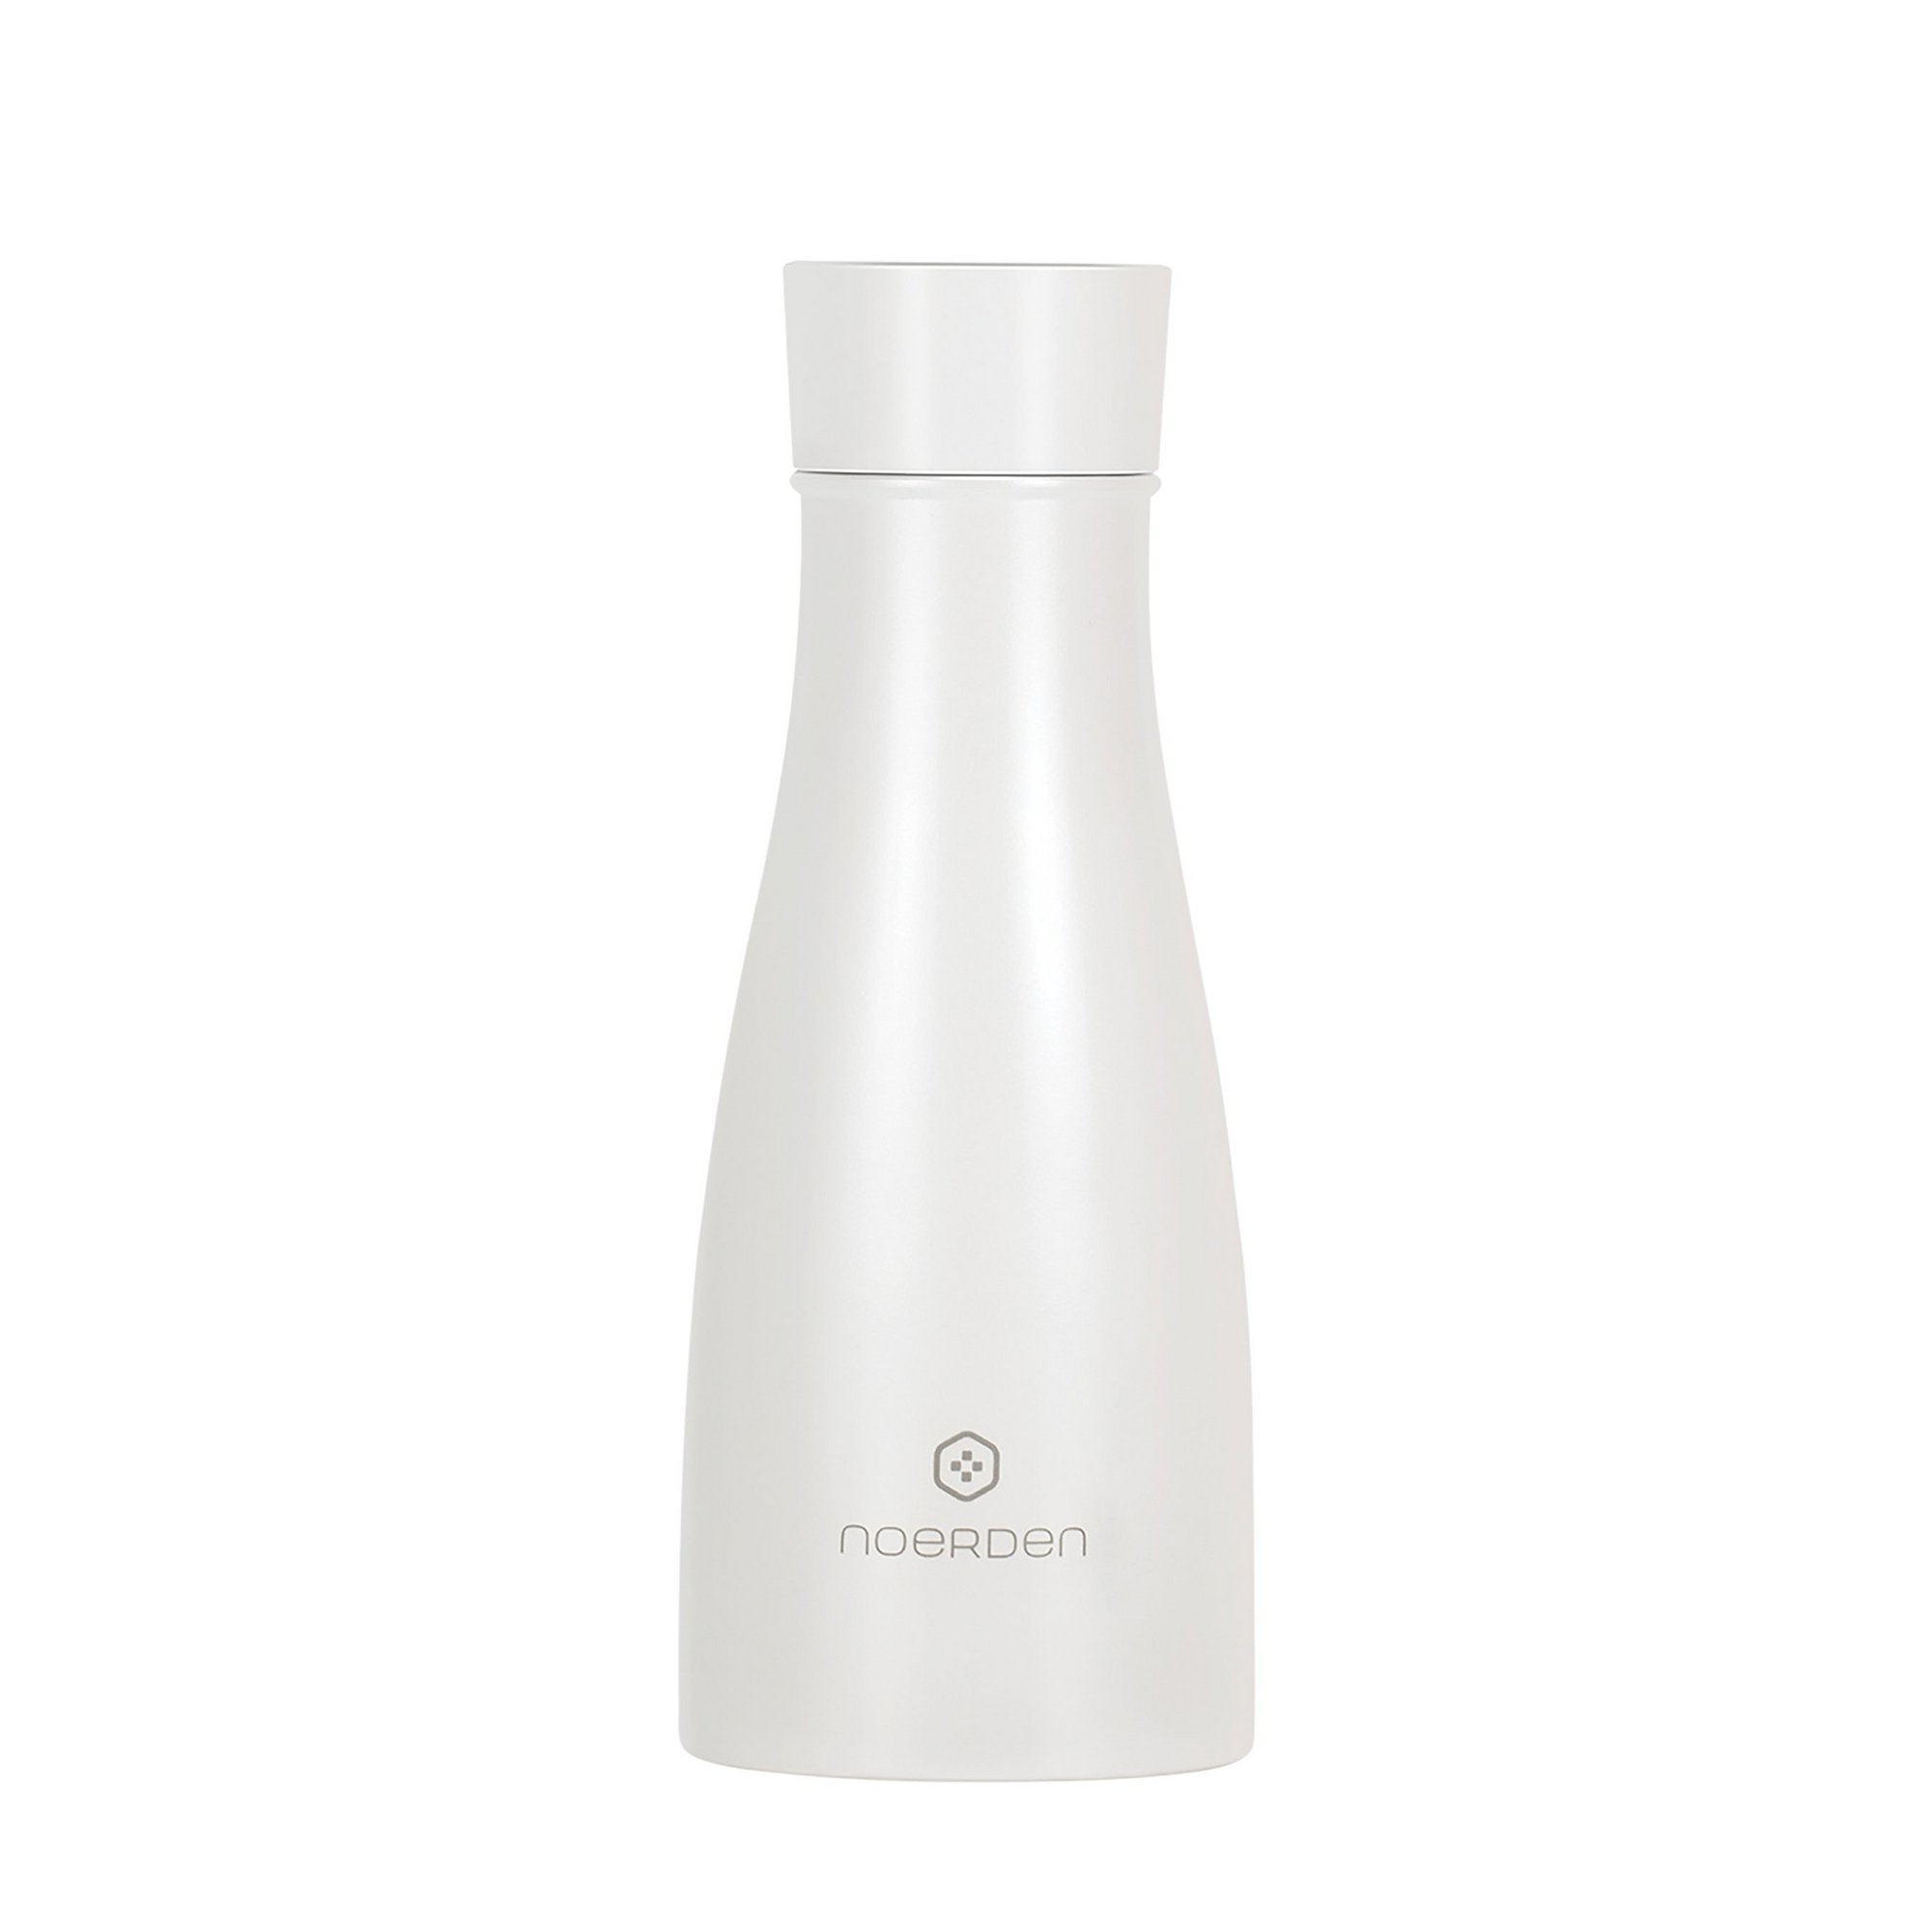 Image of Noerden LIZ Smart Bottle with UV Sterilisation (Hot or Cold)